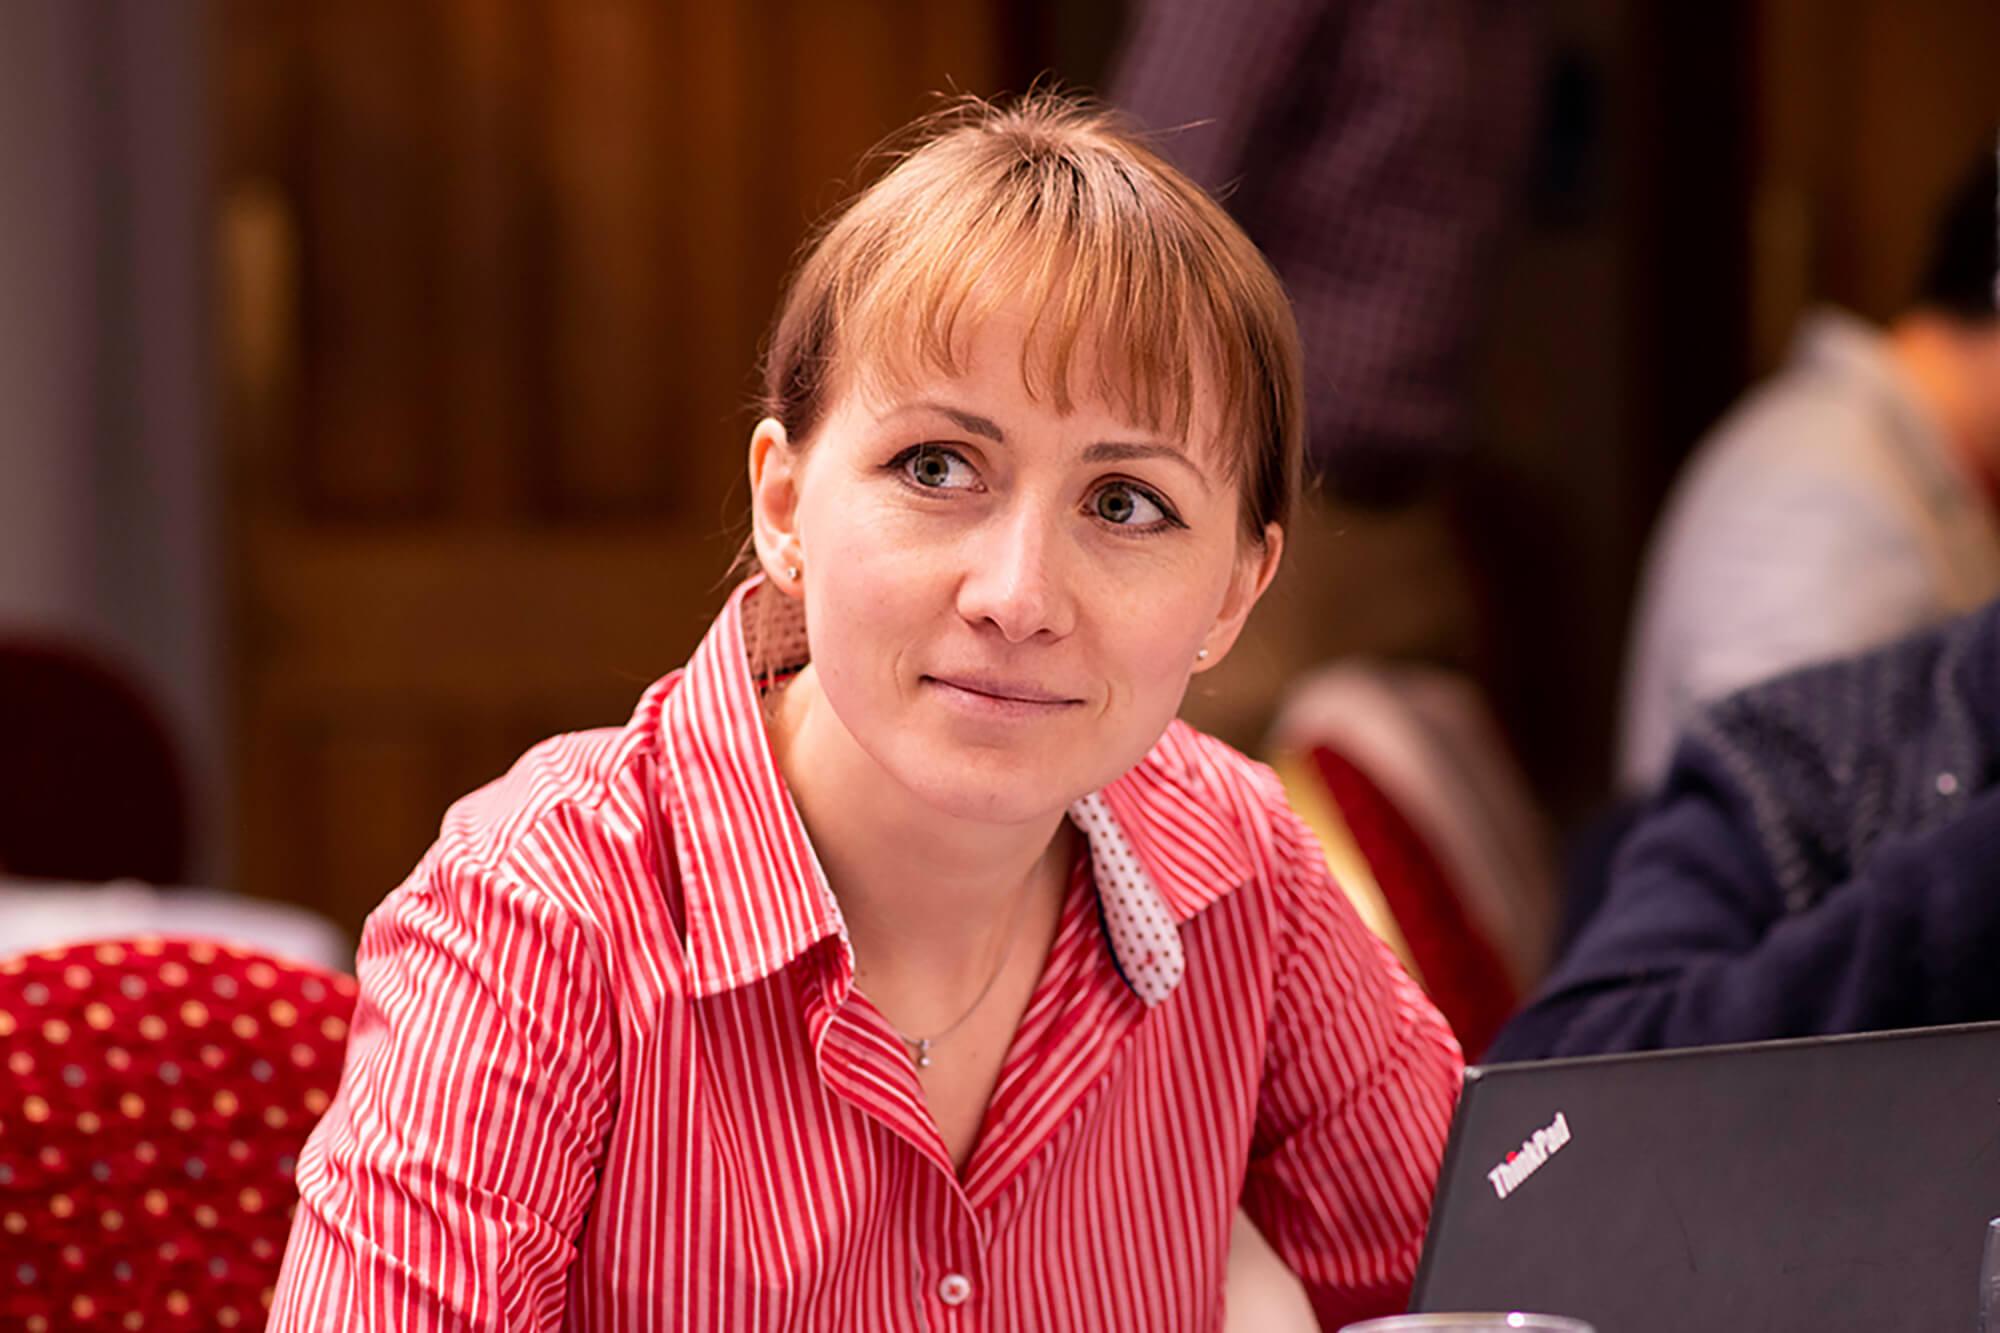 Dr Valentina Gorchakova